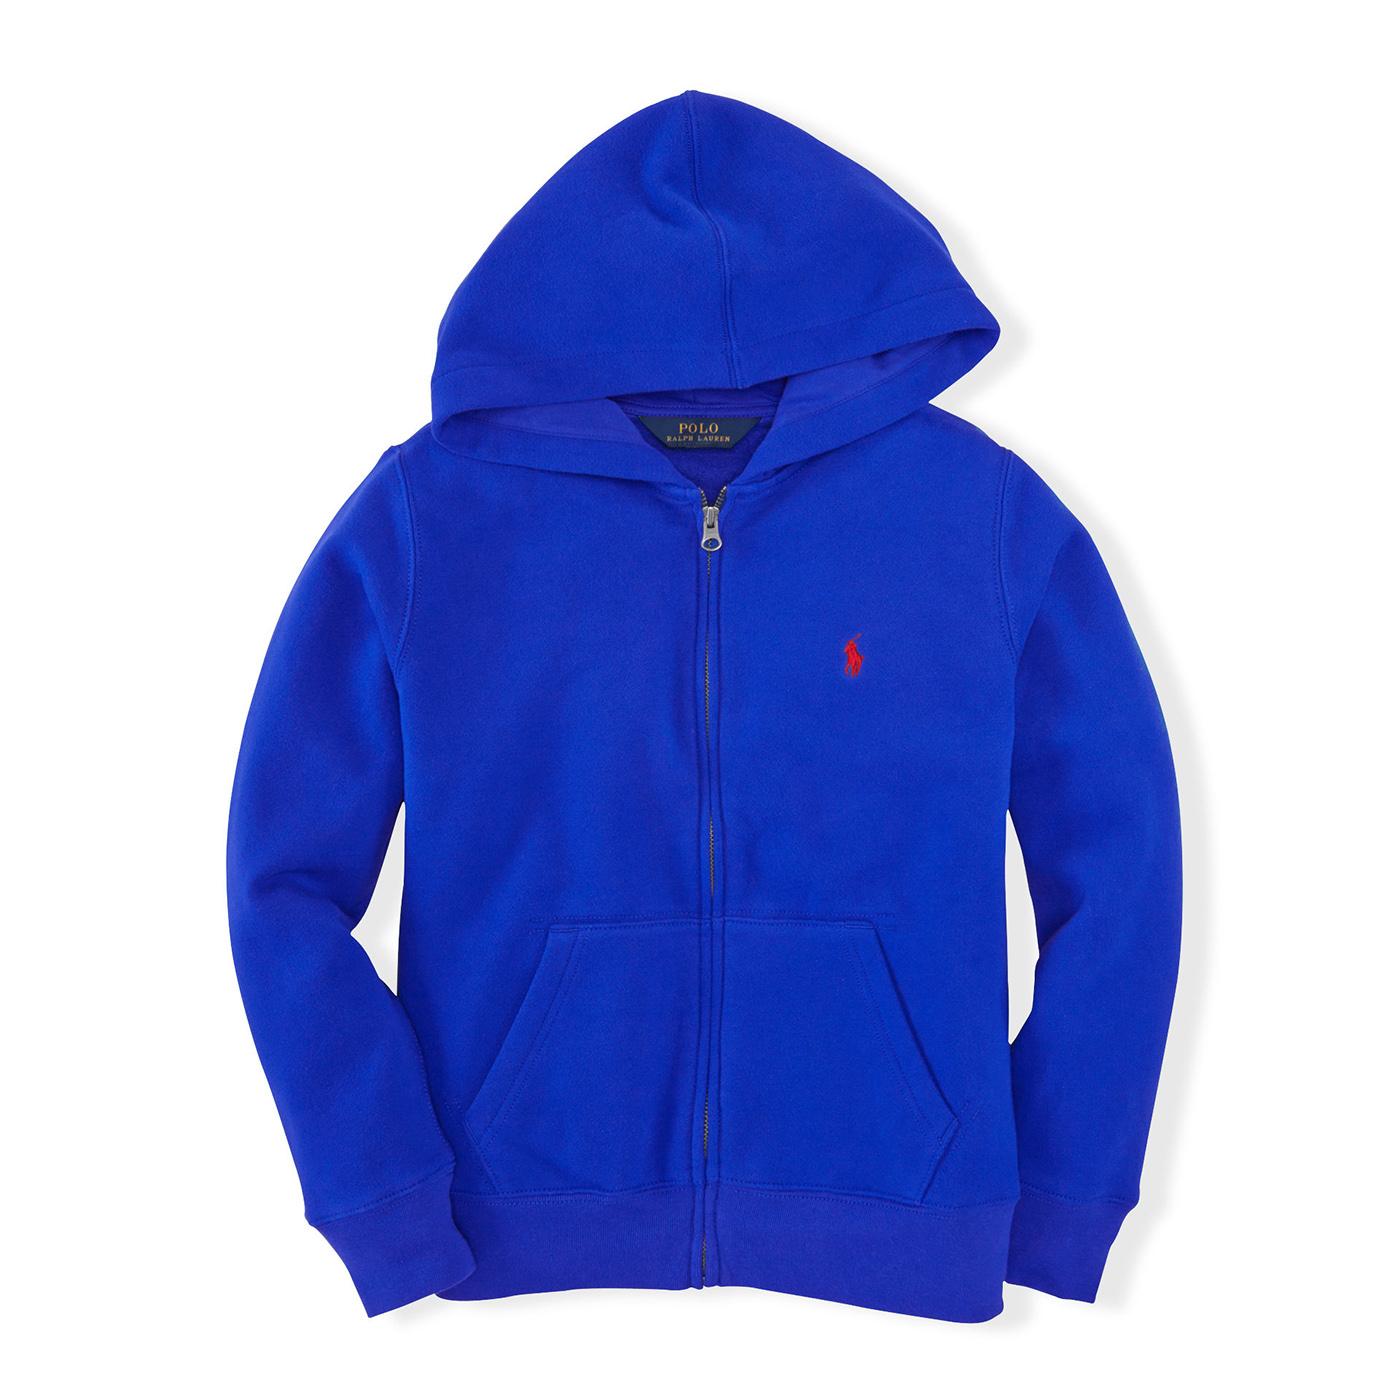 美國百分百【全新真品】Ralph Lauren RL 連帽 薄外套 棉 帽T 夾克 寶藍 POLO XS S號 B038